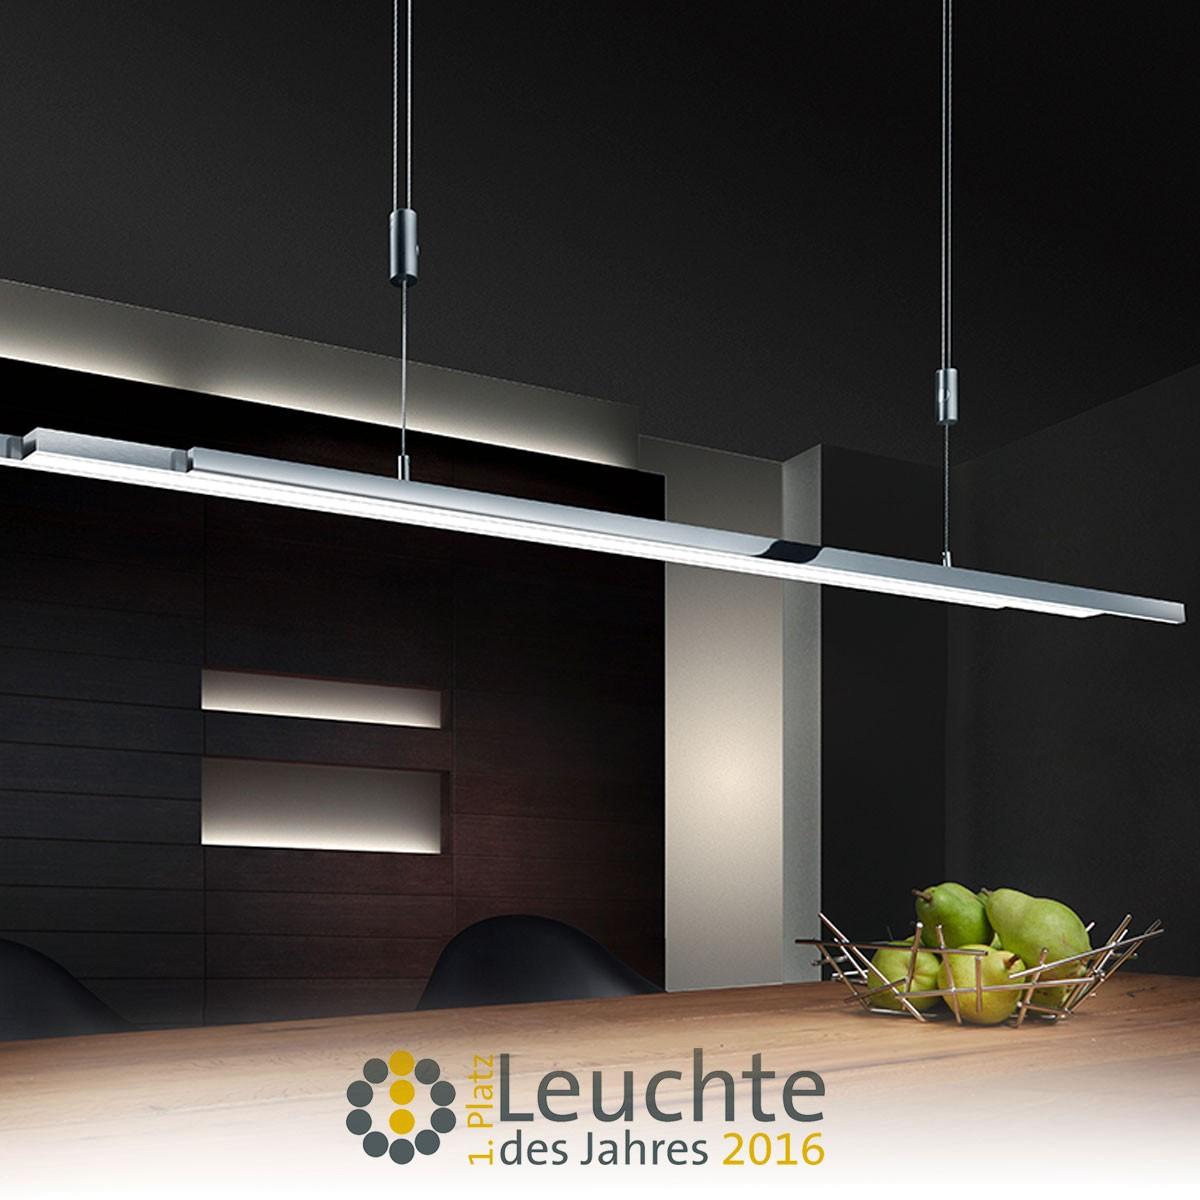 Bankamp L-lightLINE Pendelleuchte, Nickel matt / Chrom